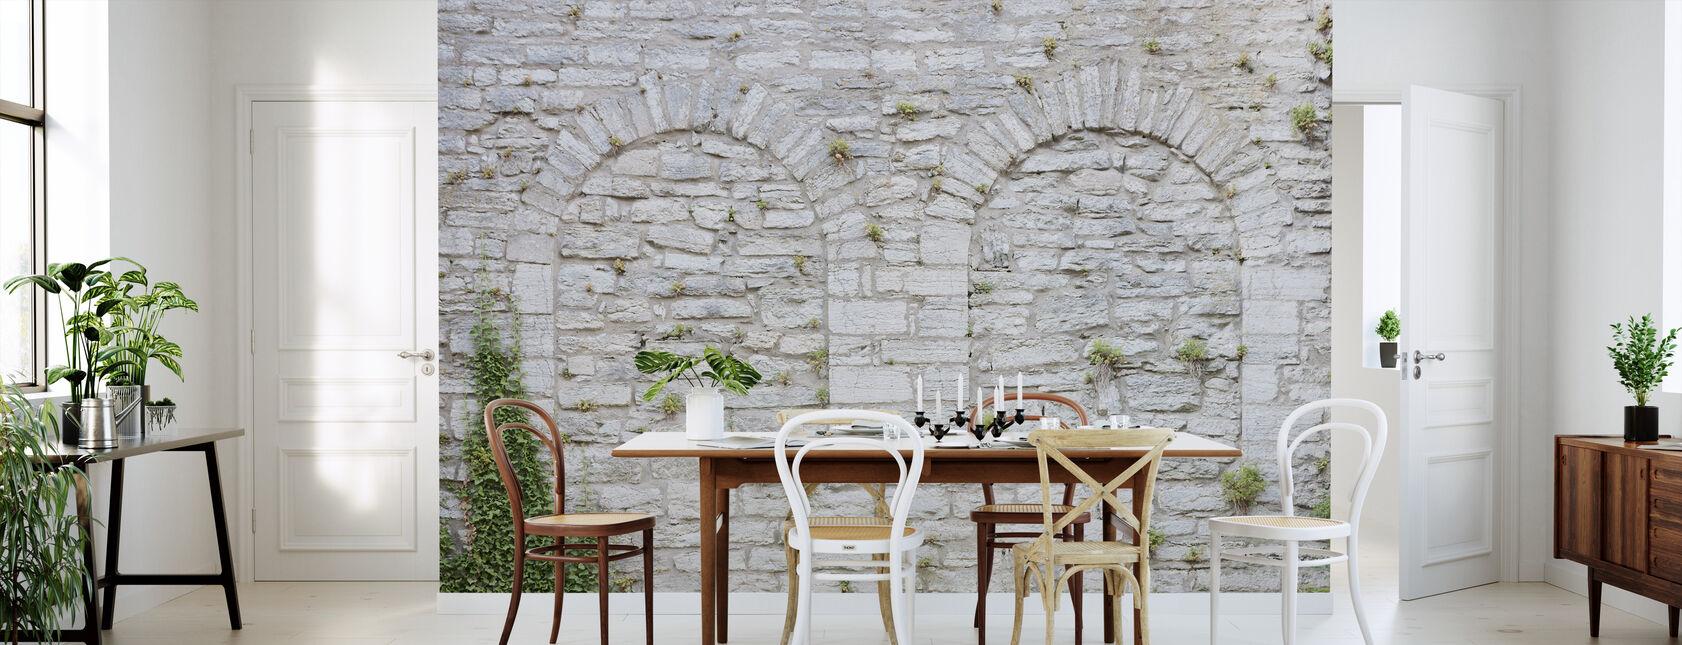 Arch Ruin - Wallpaper - Kitchen